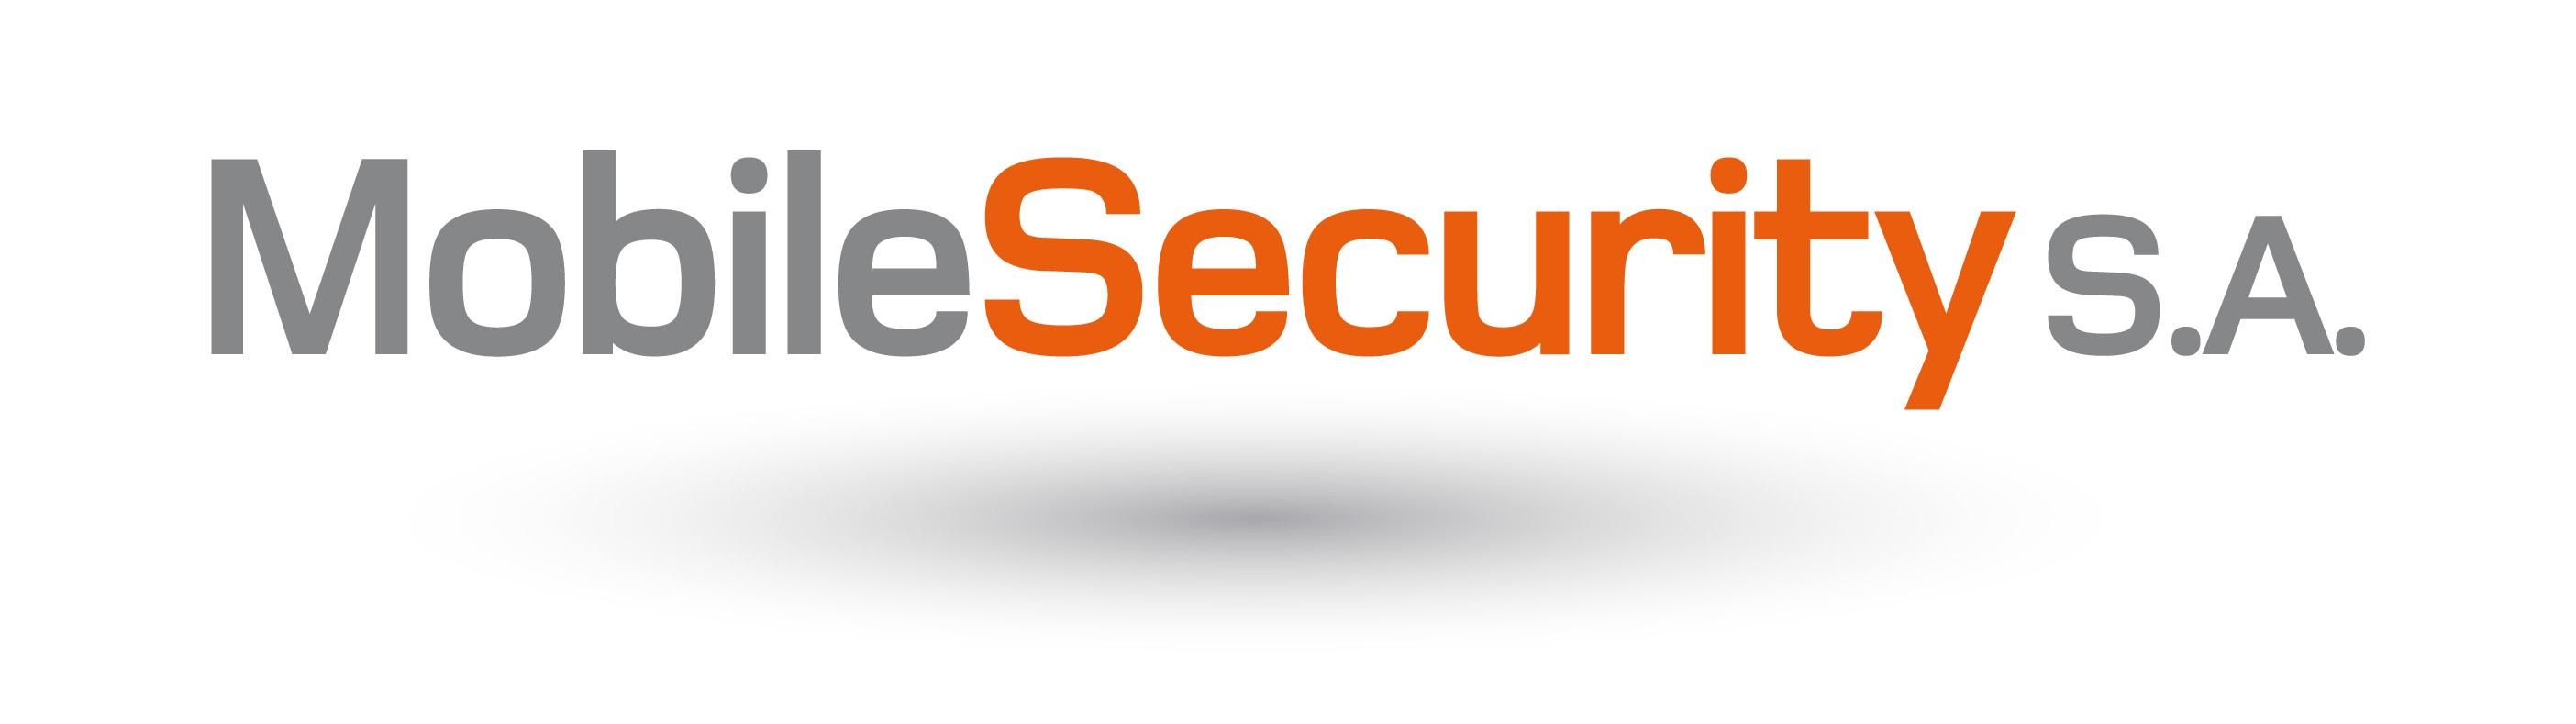 Mobile Security, S.A. Logo